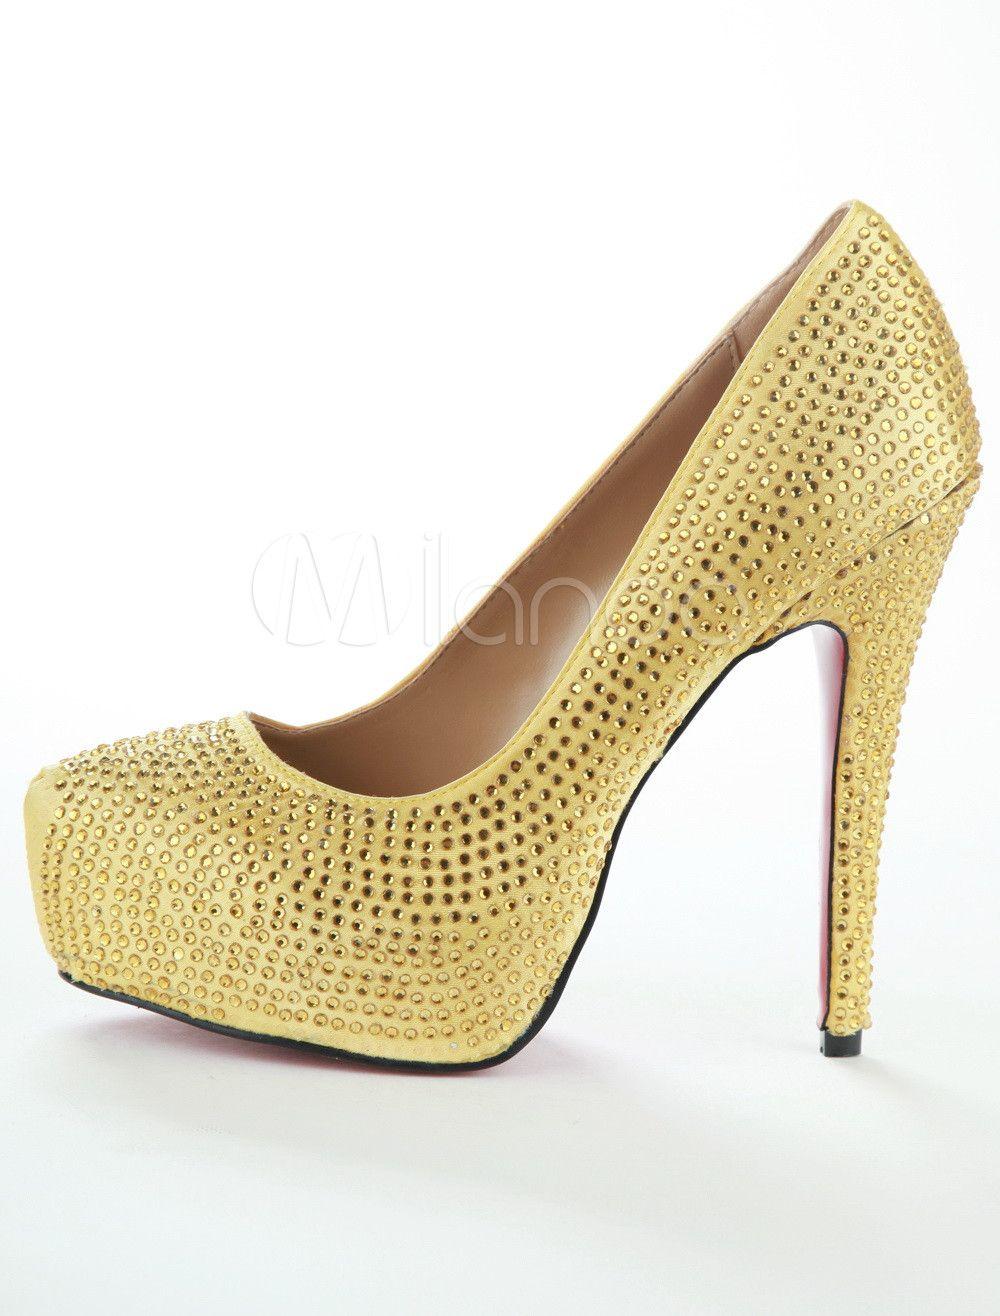 6d9ea4e6a16 Gold Platform Snakeskin Womens High Heel Shoes